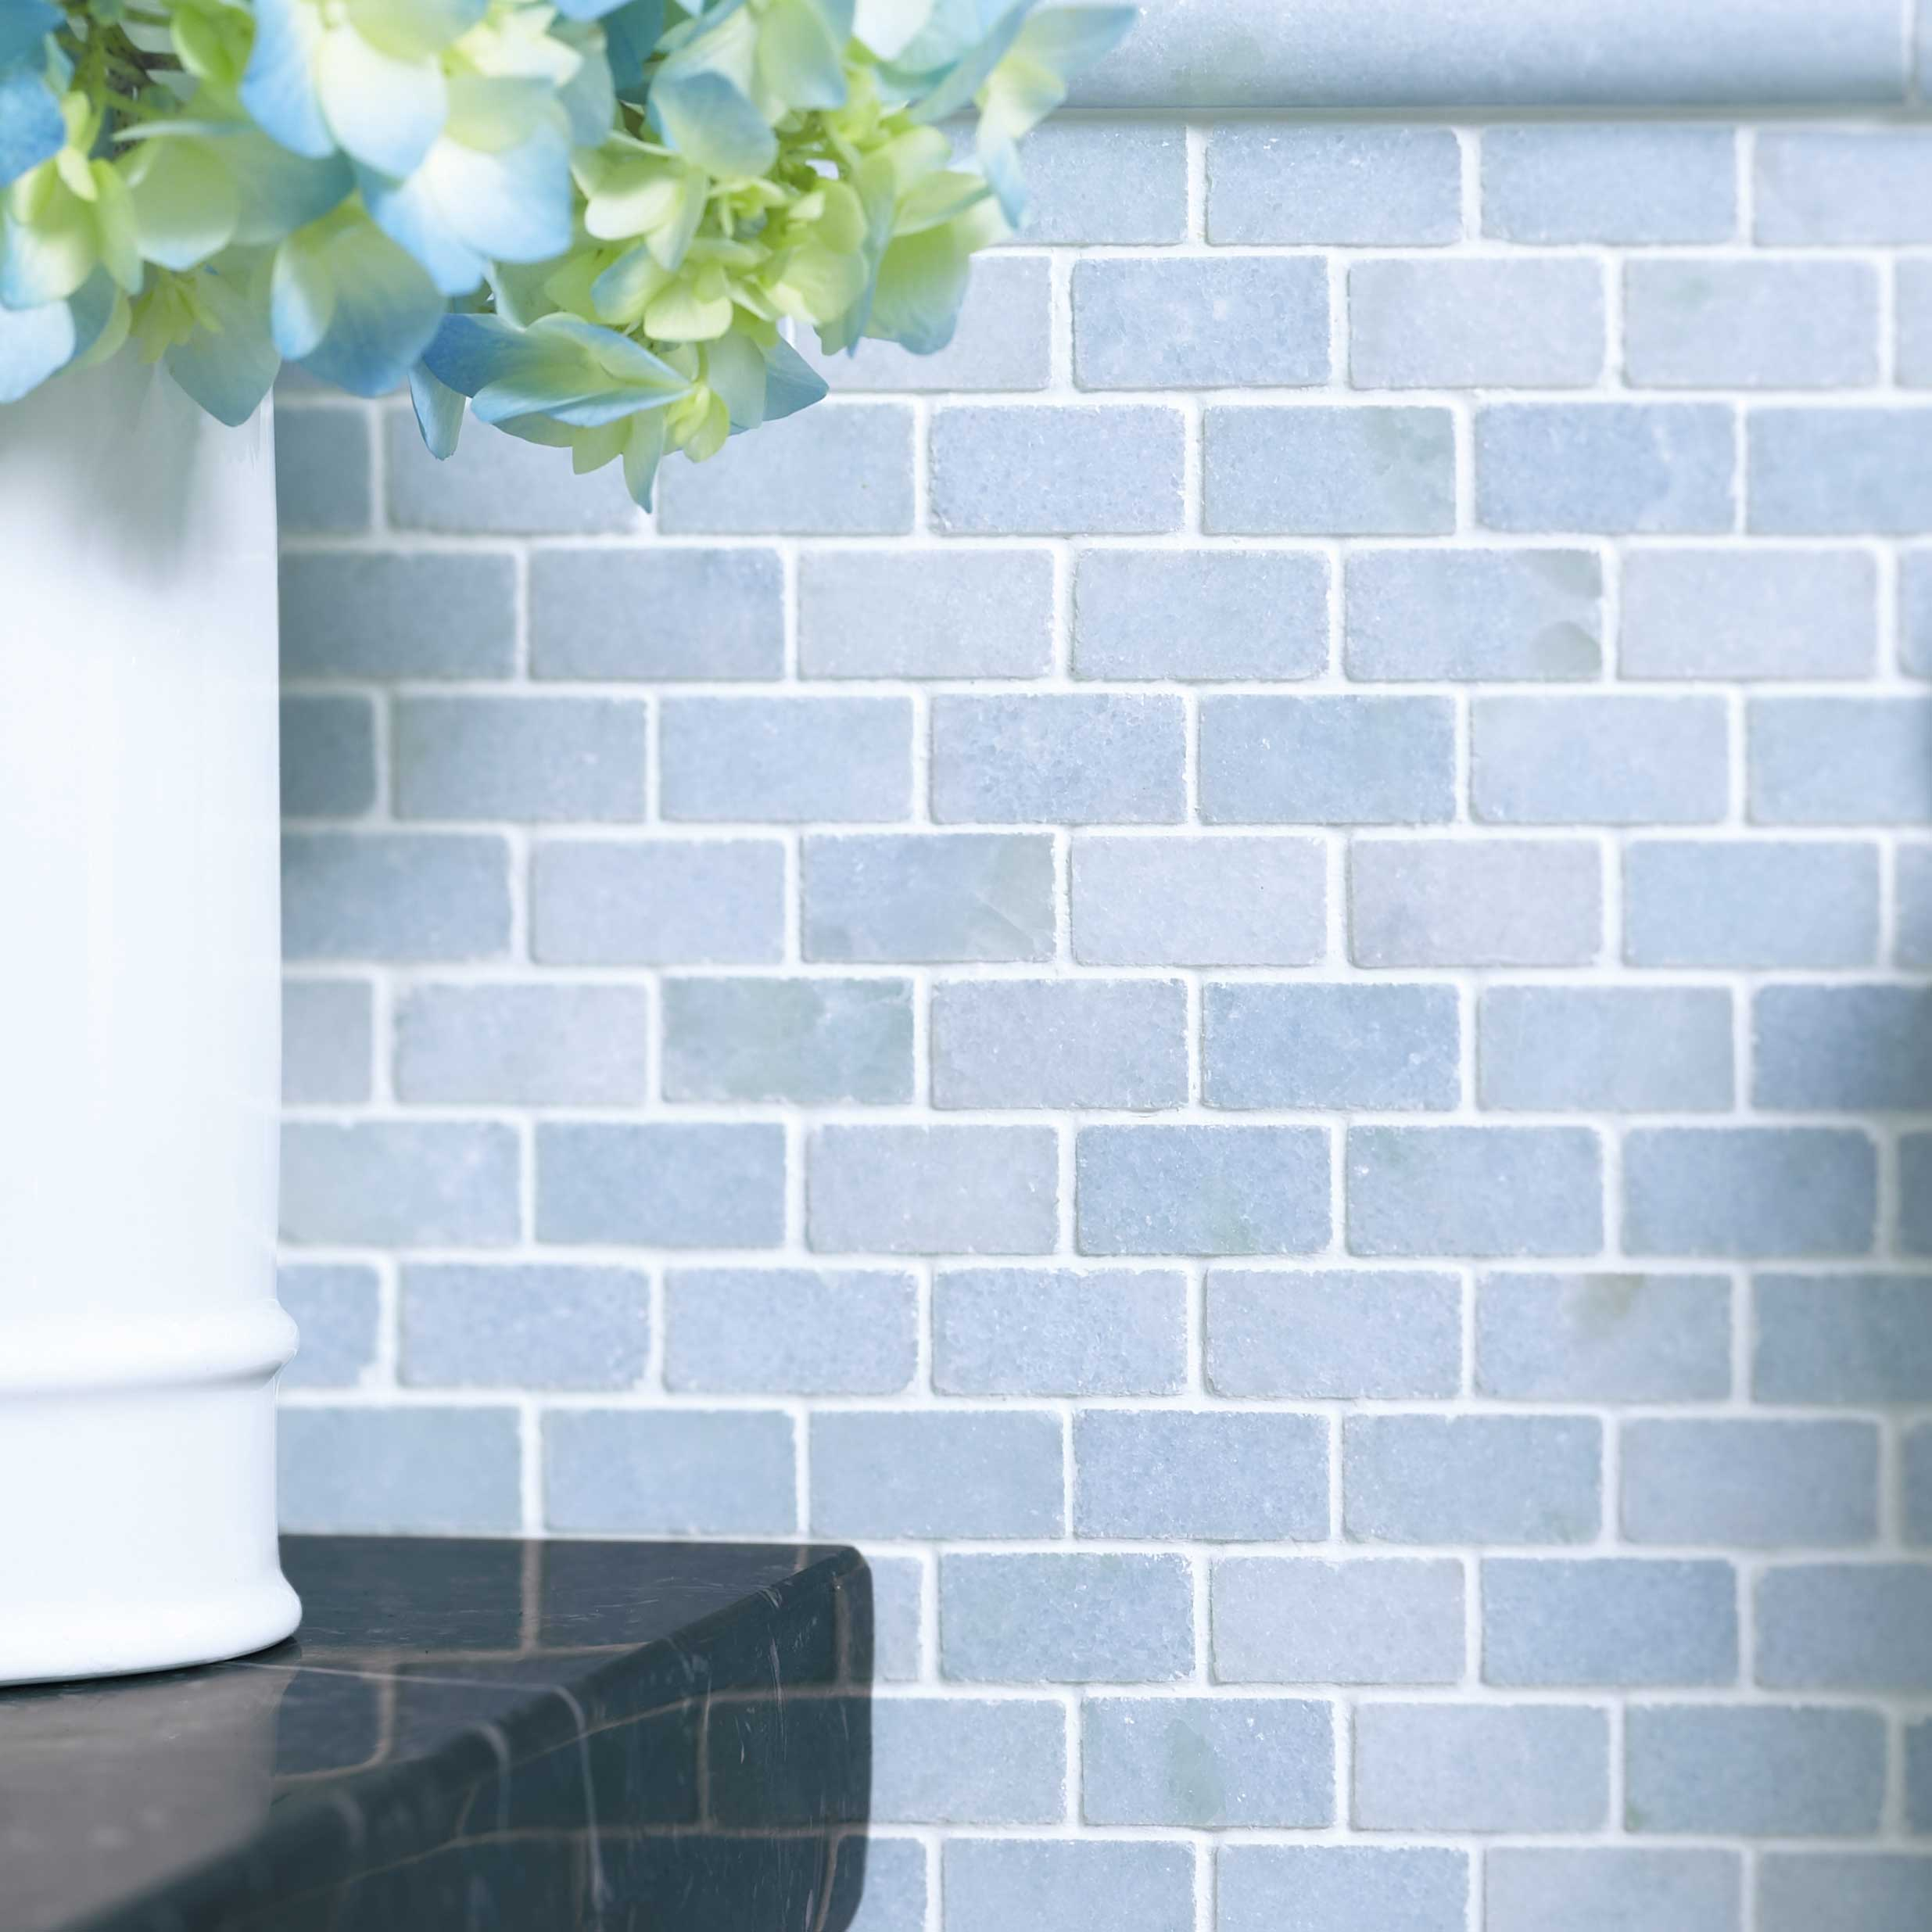 Ann Sacks Blue Celeste Mosaics Tiles